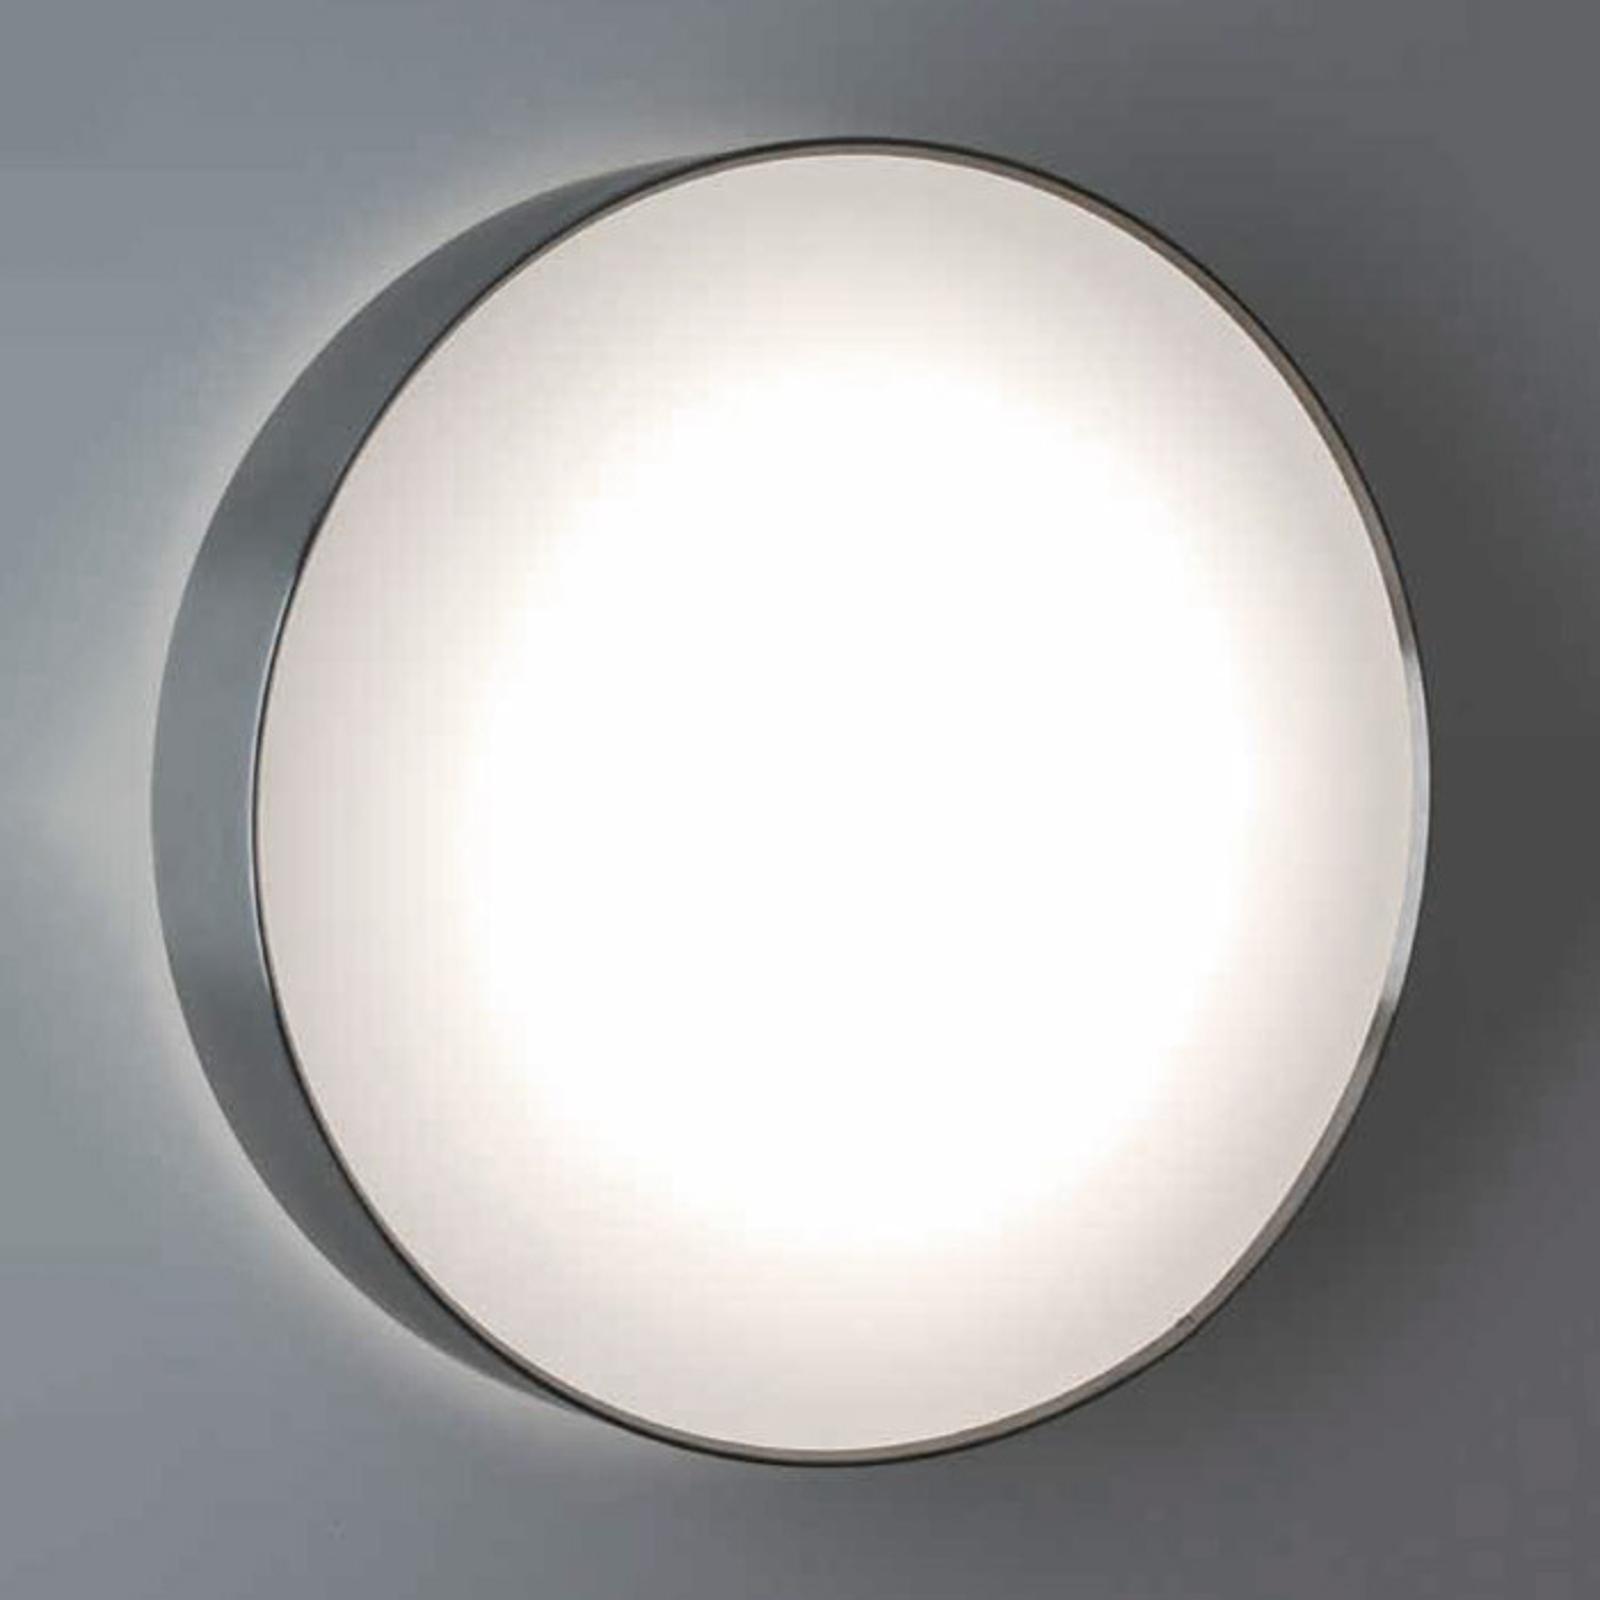 SUN 4 LED væglampe i rustfrit stål 8 W 4K